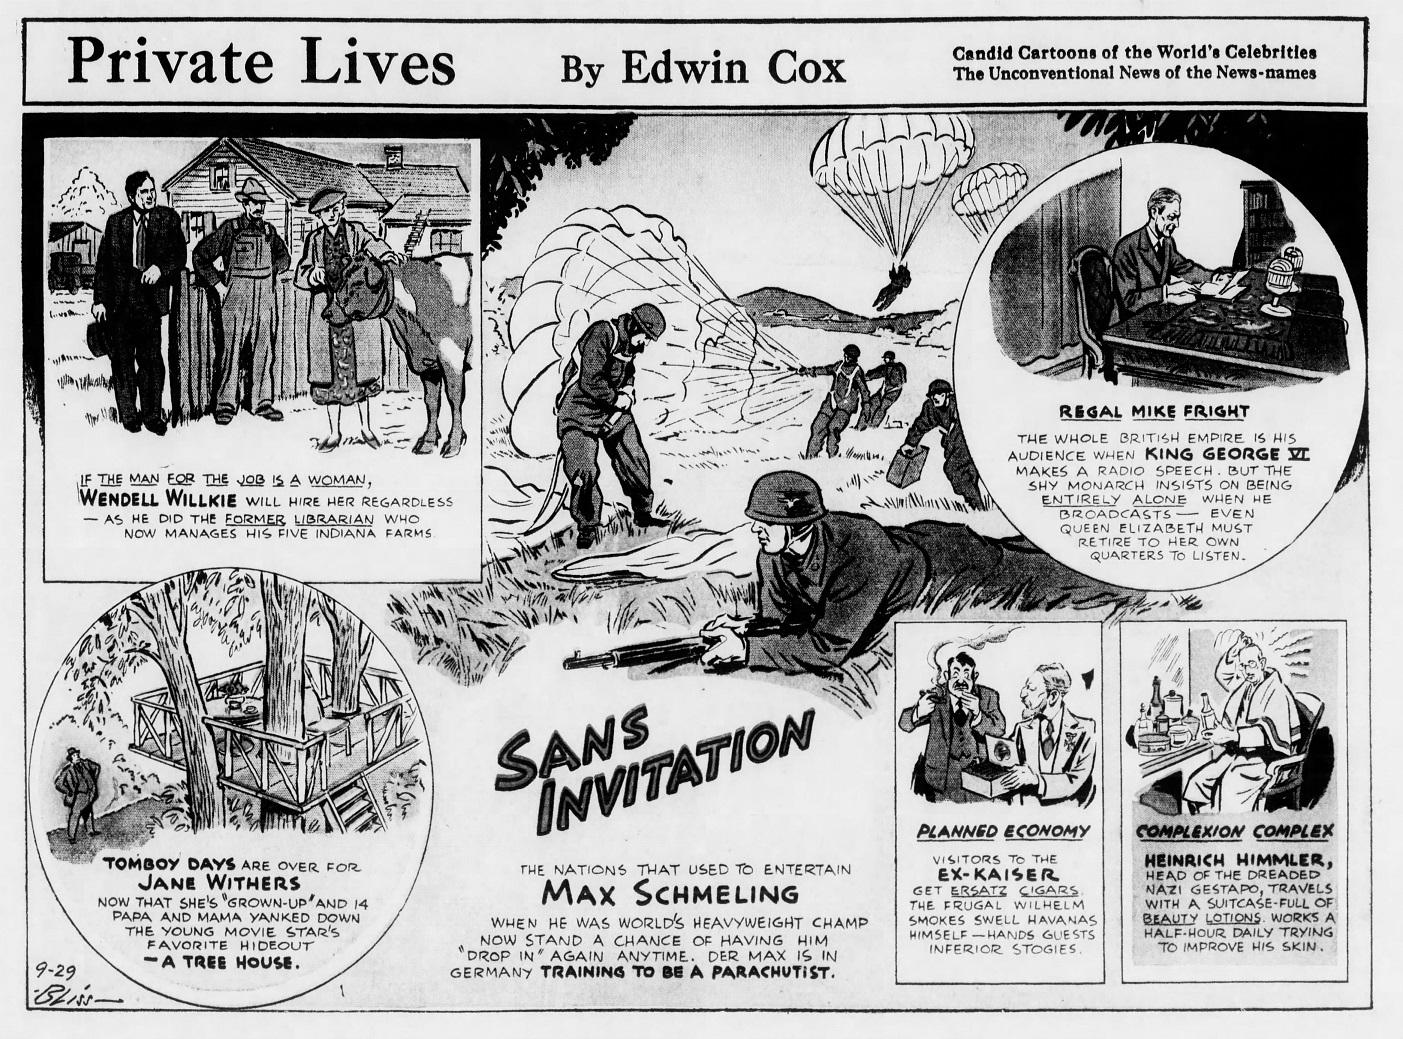 The_Brooklyn_Daily_Eagle_Sun__Sep_29__1940_(6).jpg